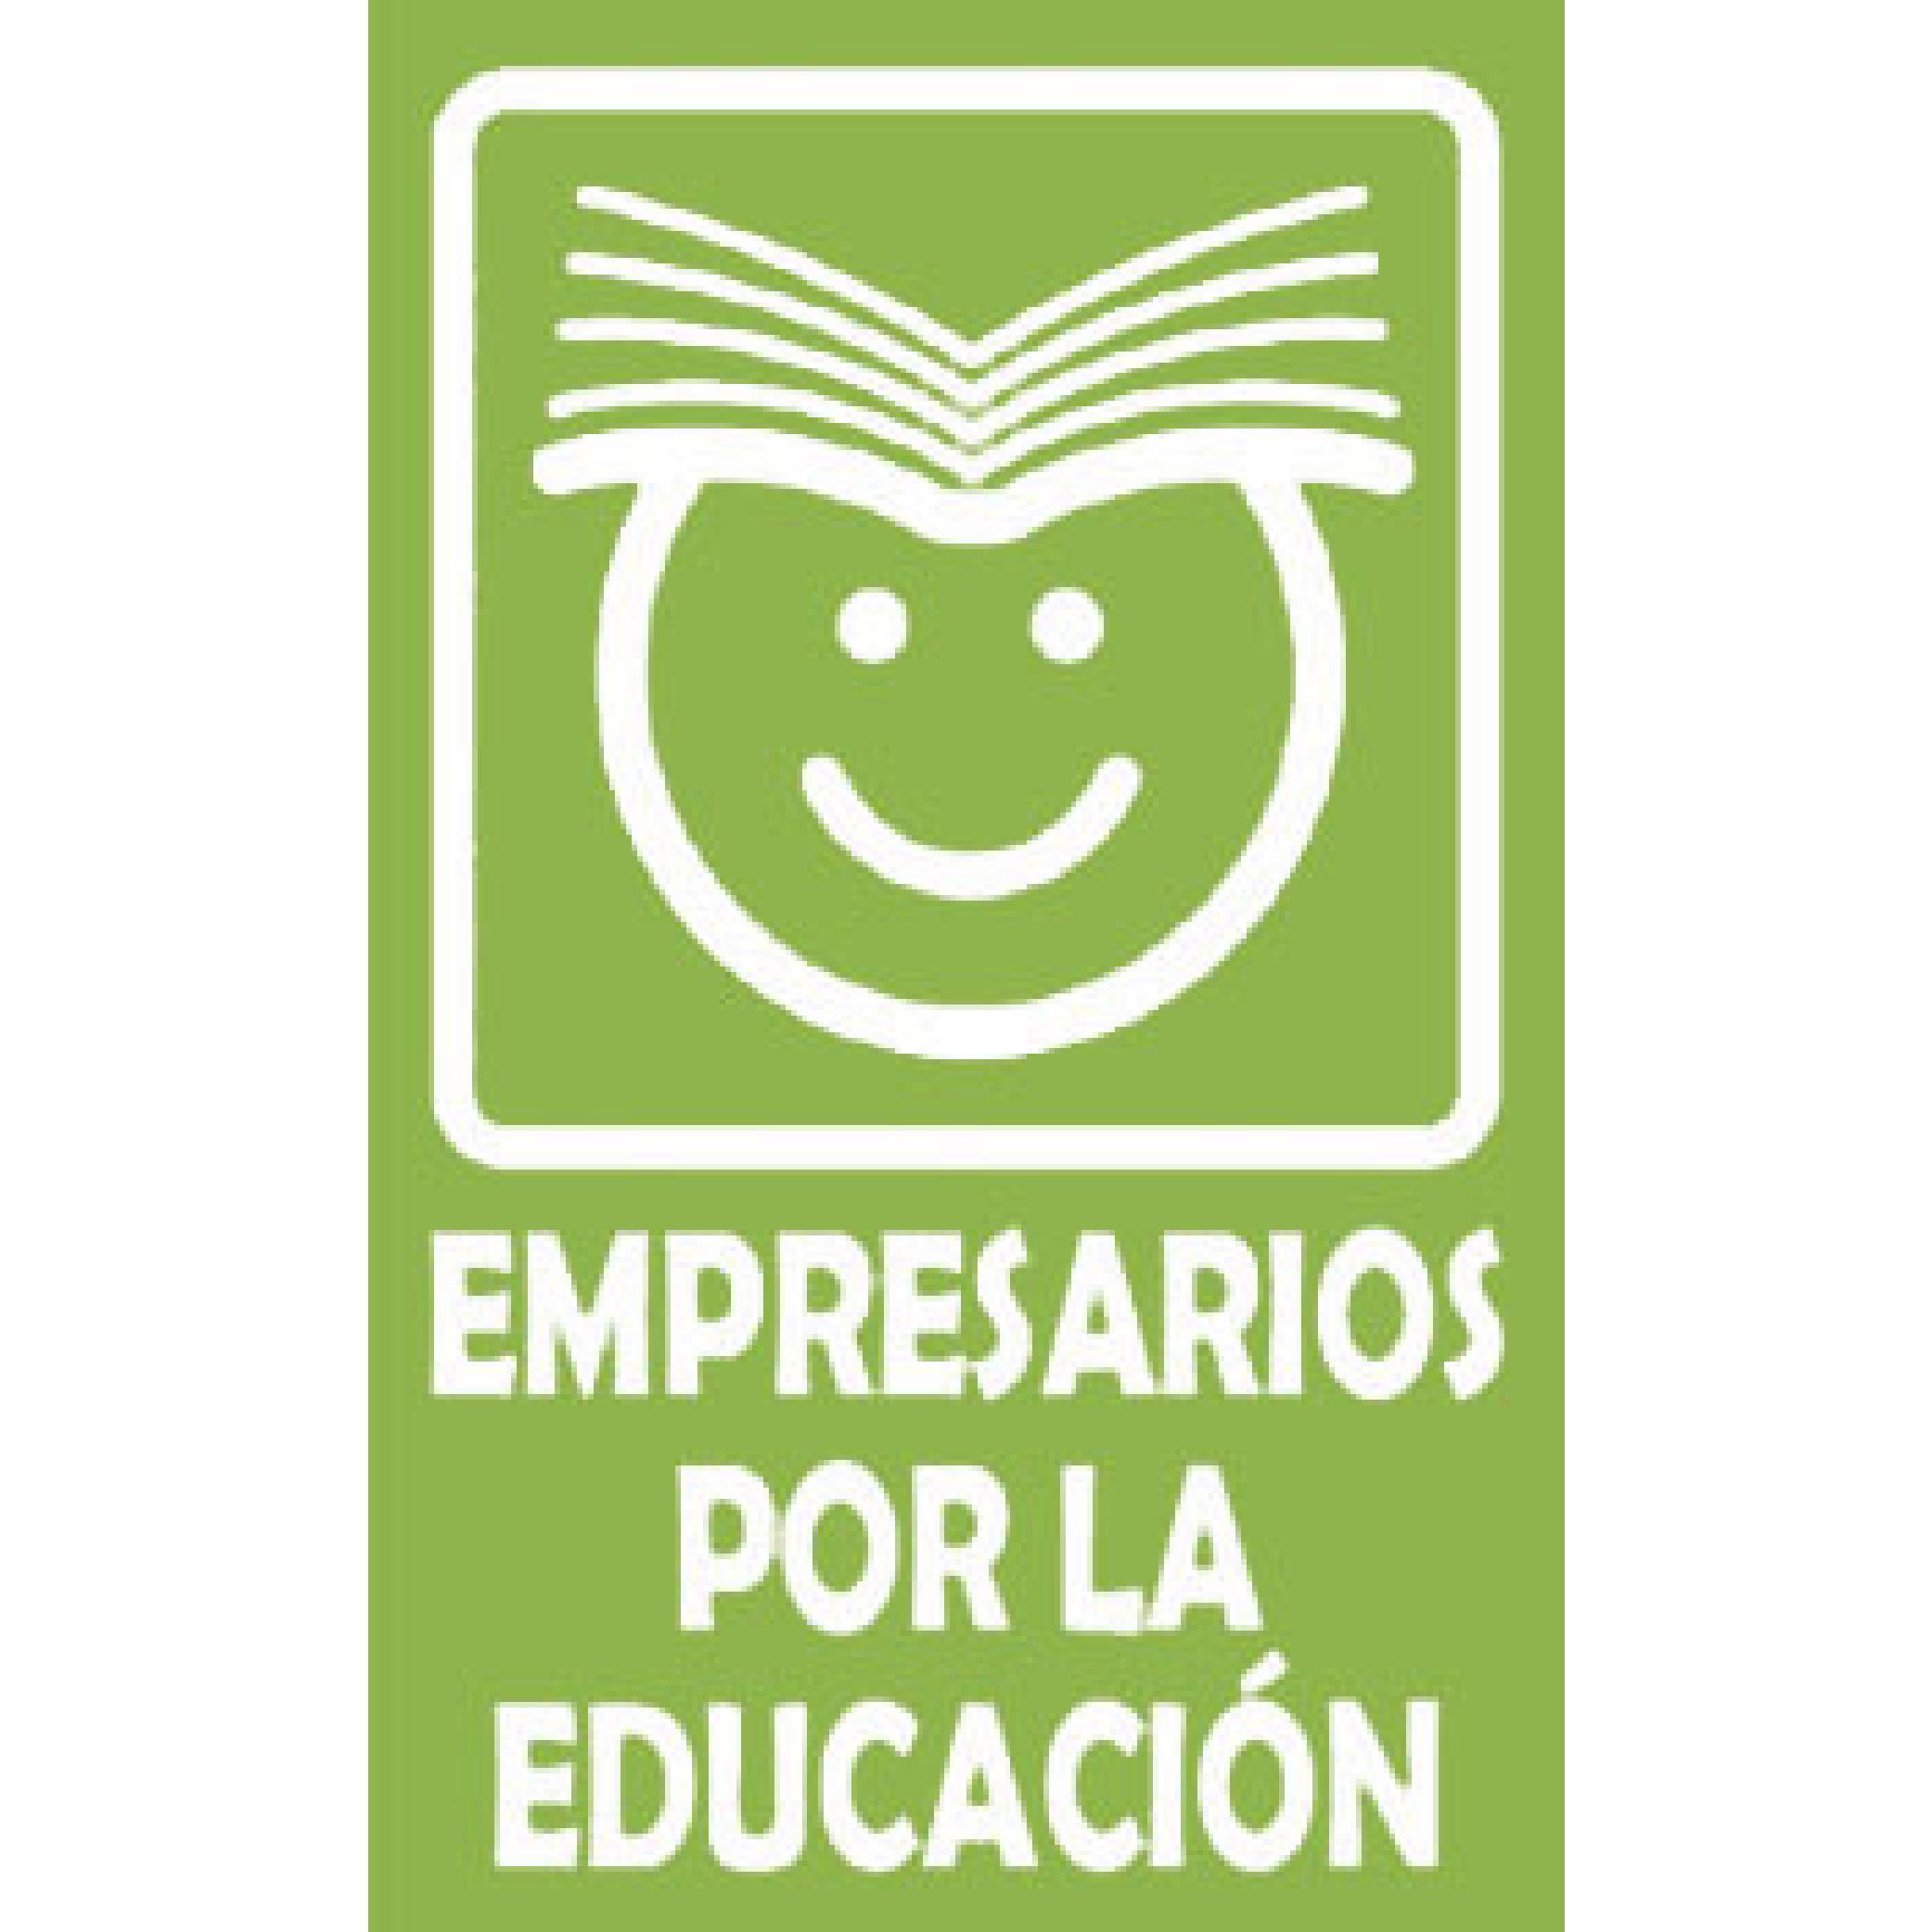 La fototeca logo